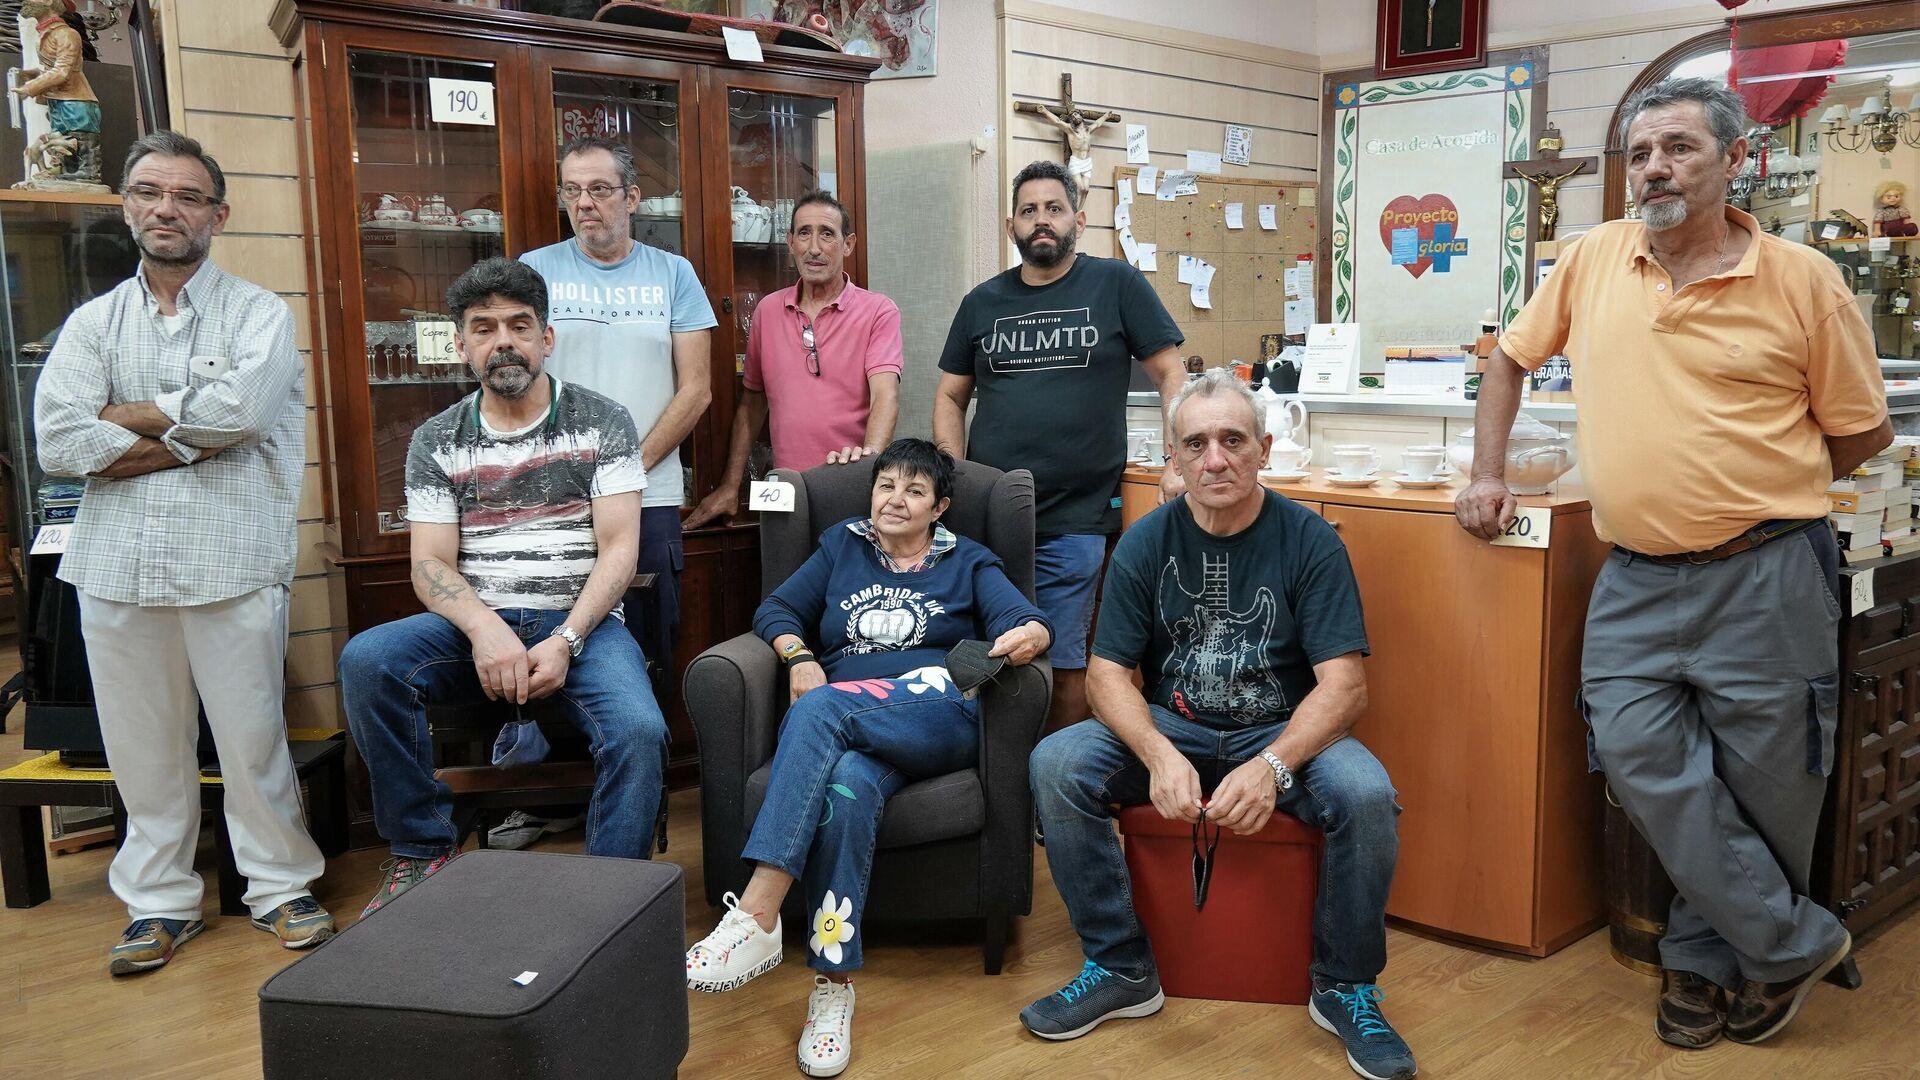 Gloria Iglesias, azafata española que montó una ONG en Madrid para gente sin techo, con sus 'hijos' - Sputnik Mundo, 1920, 17.09.2021